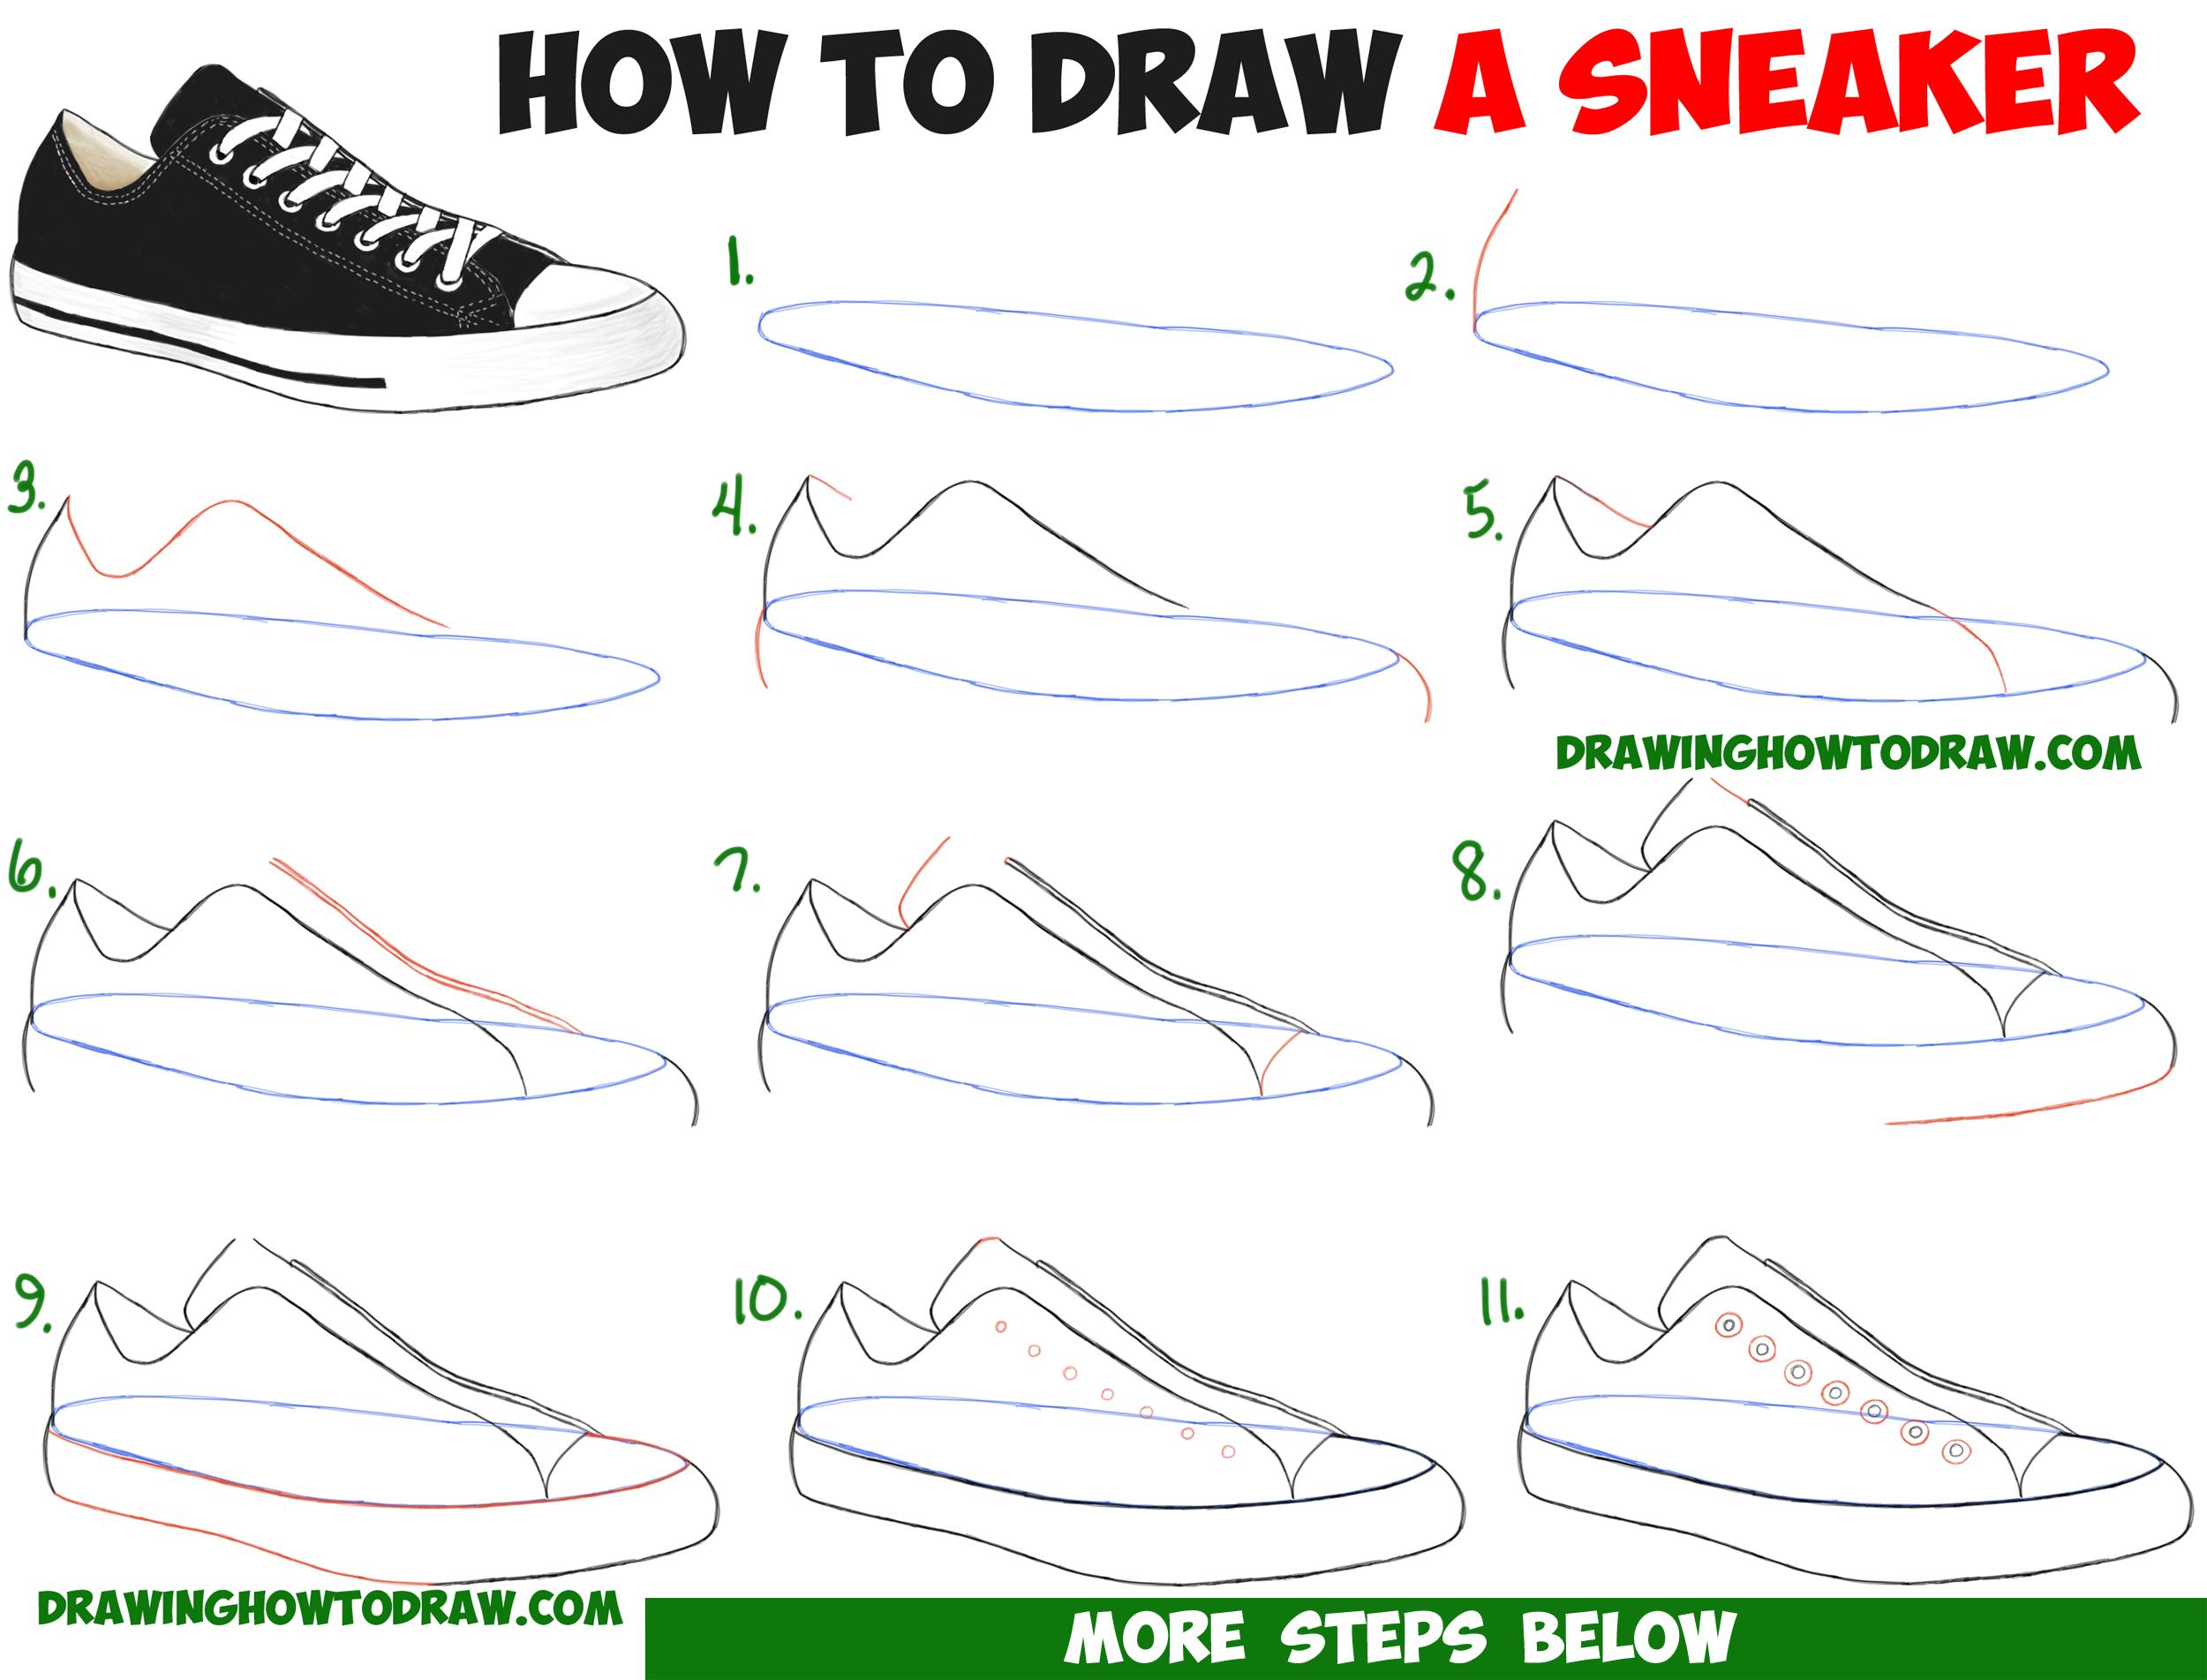 Drawn sneakers easy Sneakers Tutorial Best Draw /